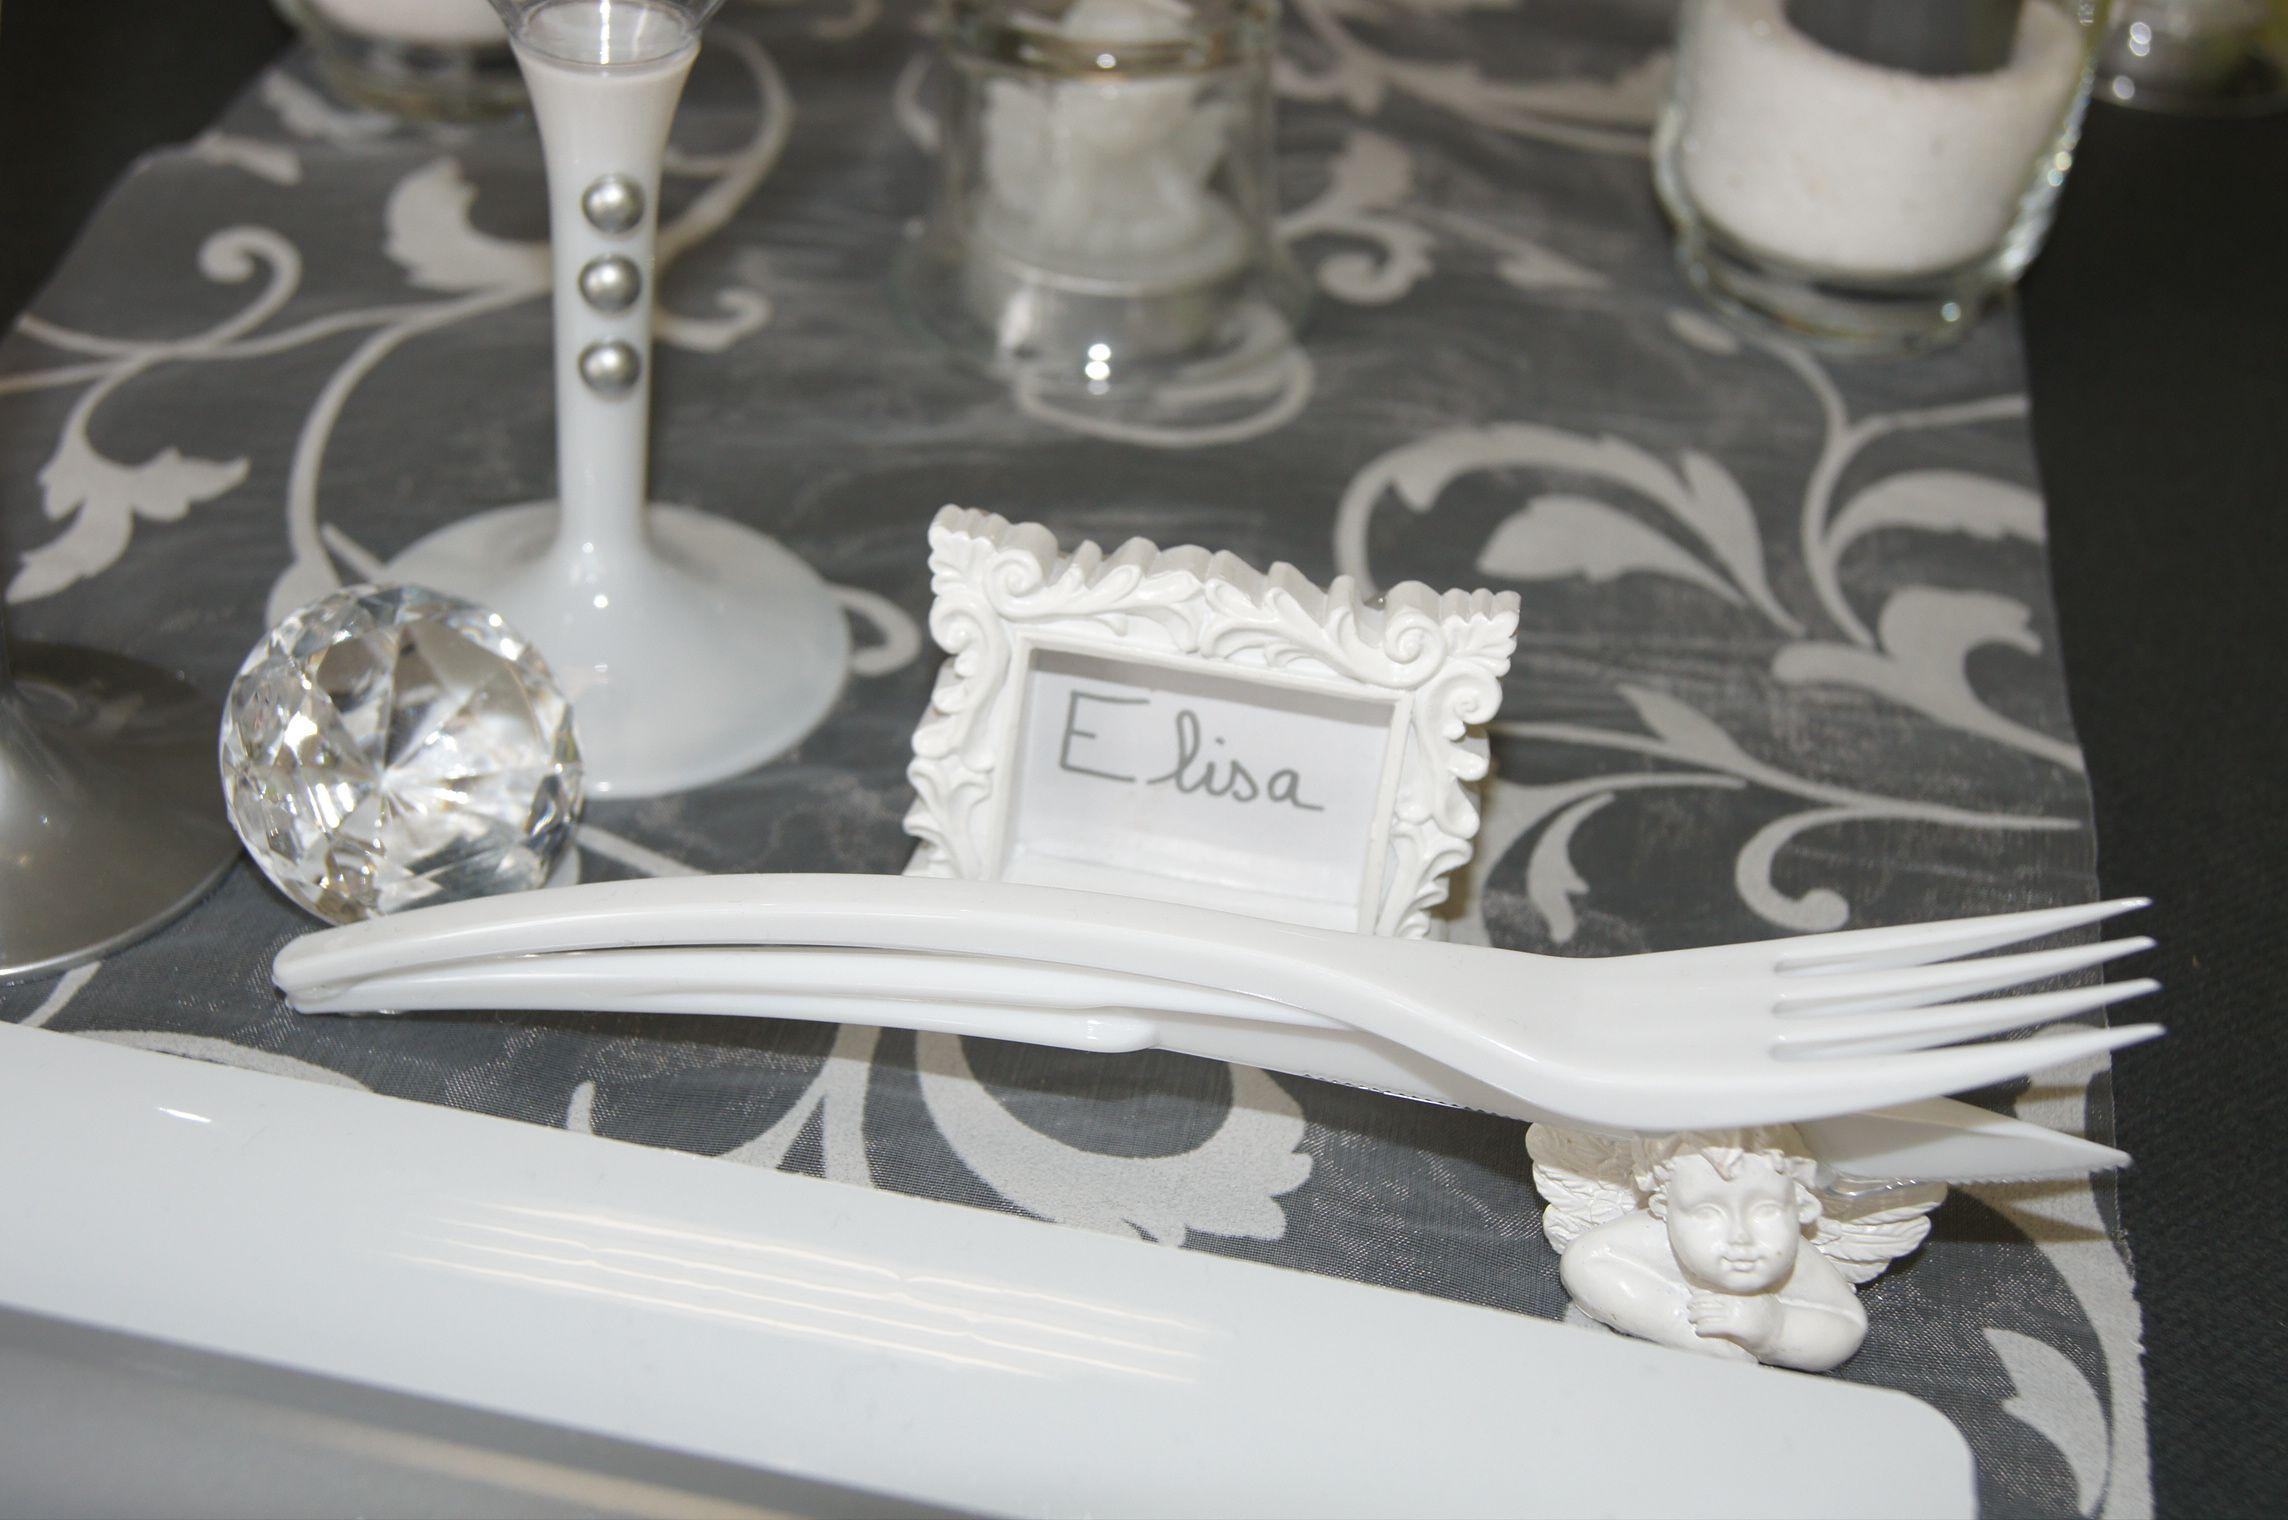 Décoration de table (gris) -- www.le-geant-de-la-fete.com @legeantdelafete #deco #table #inspiration  #decoration #flute #assiette #vaissellejetable  #chemindetable #gris #nom